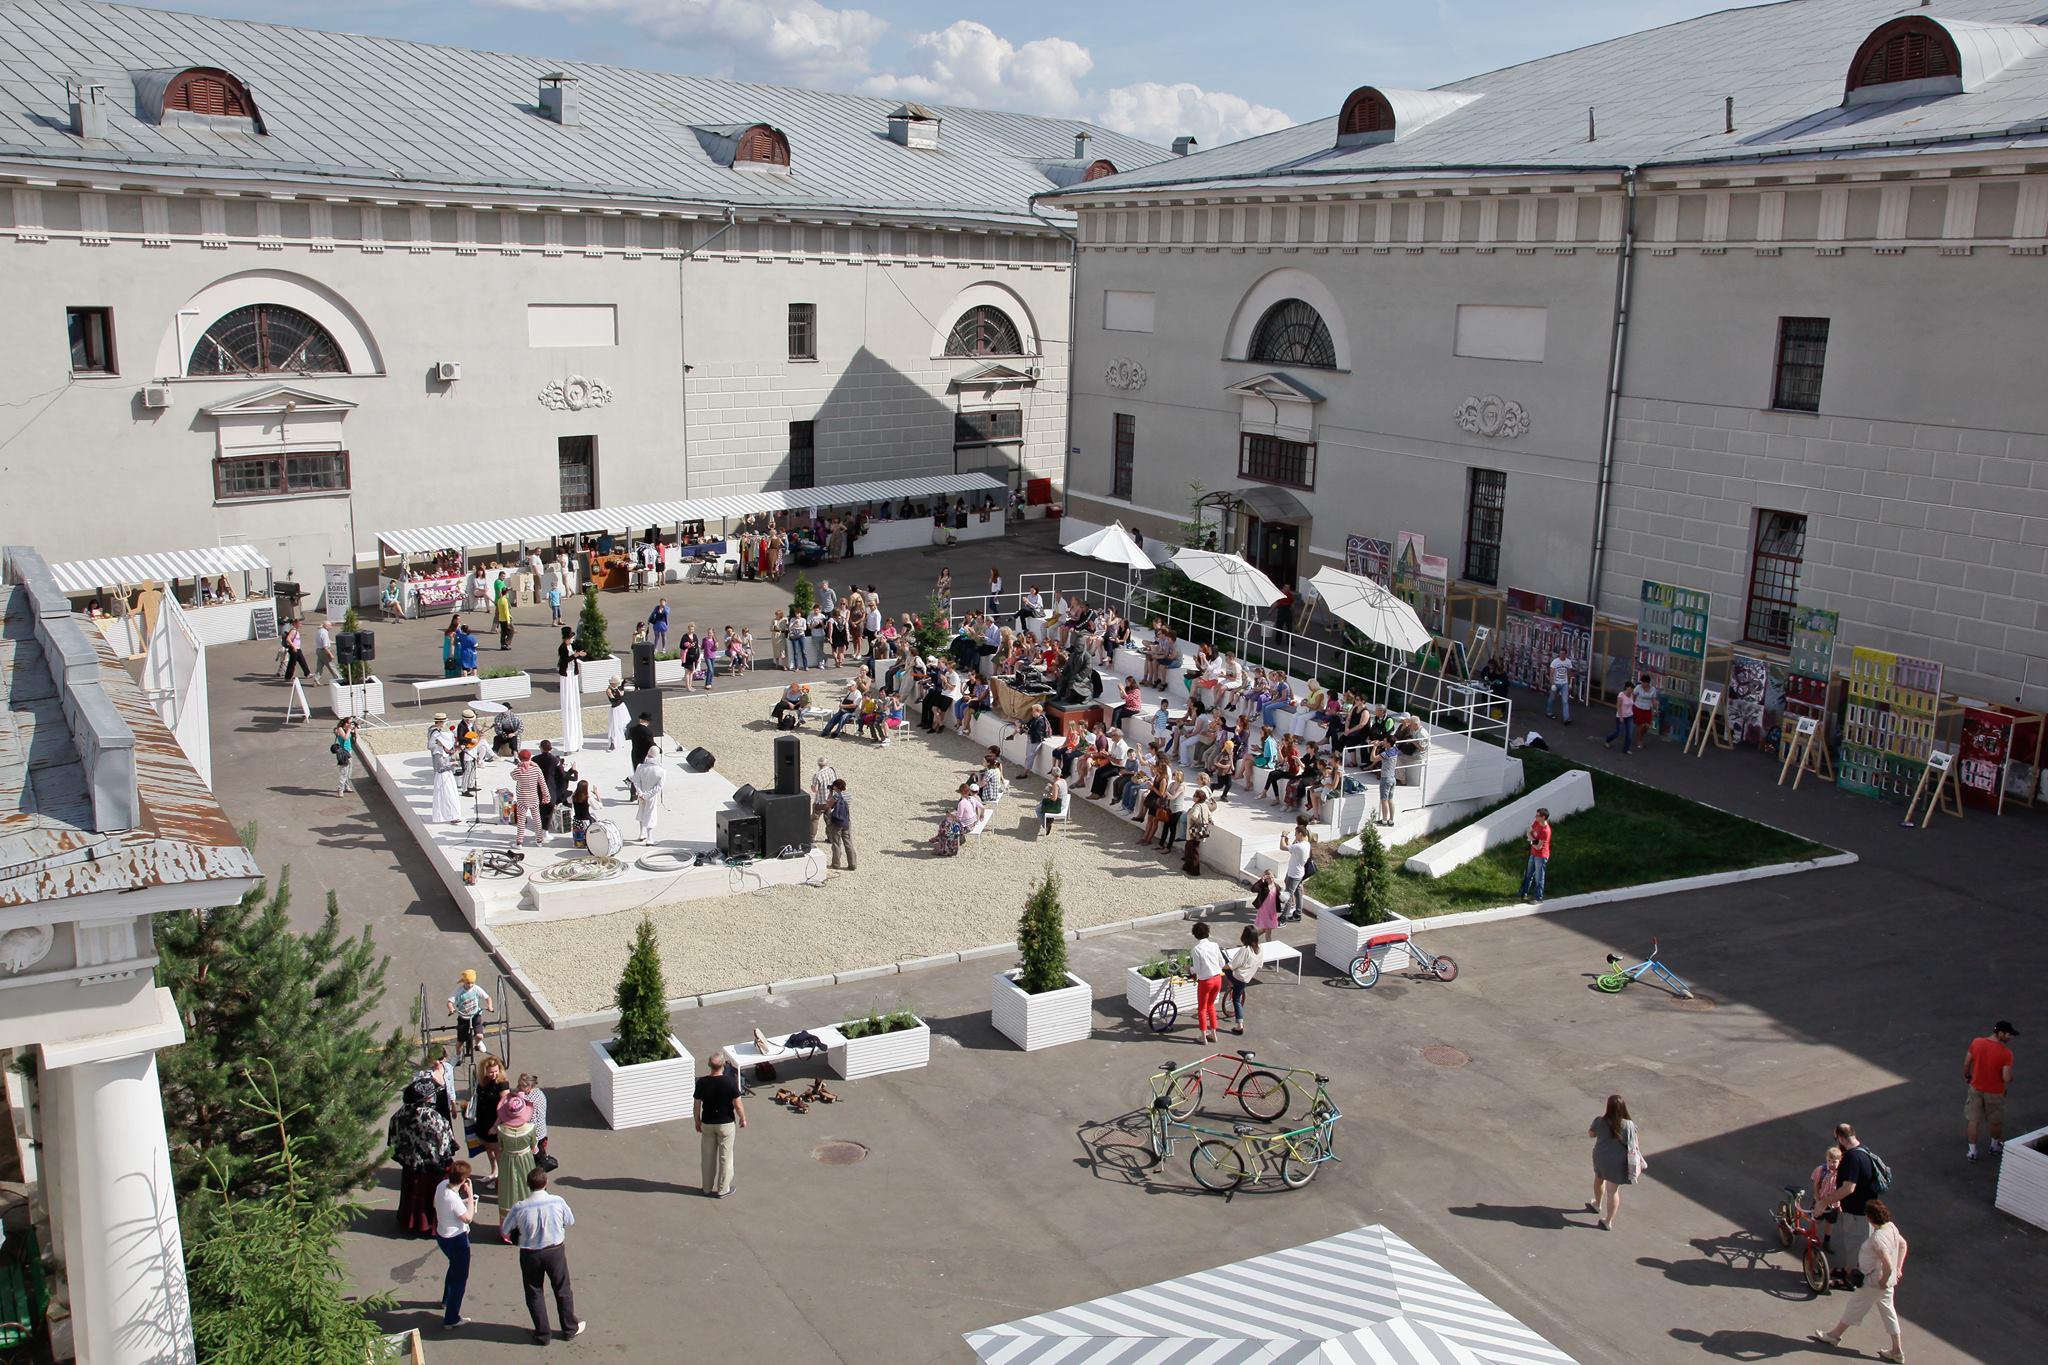 В музеи Москвы 8 марта можно будет пойти бесплатно